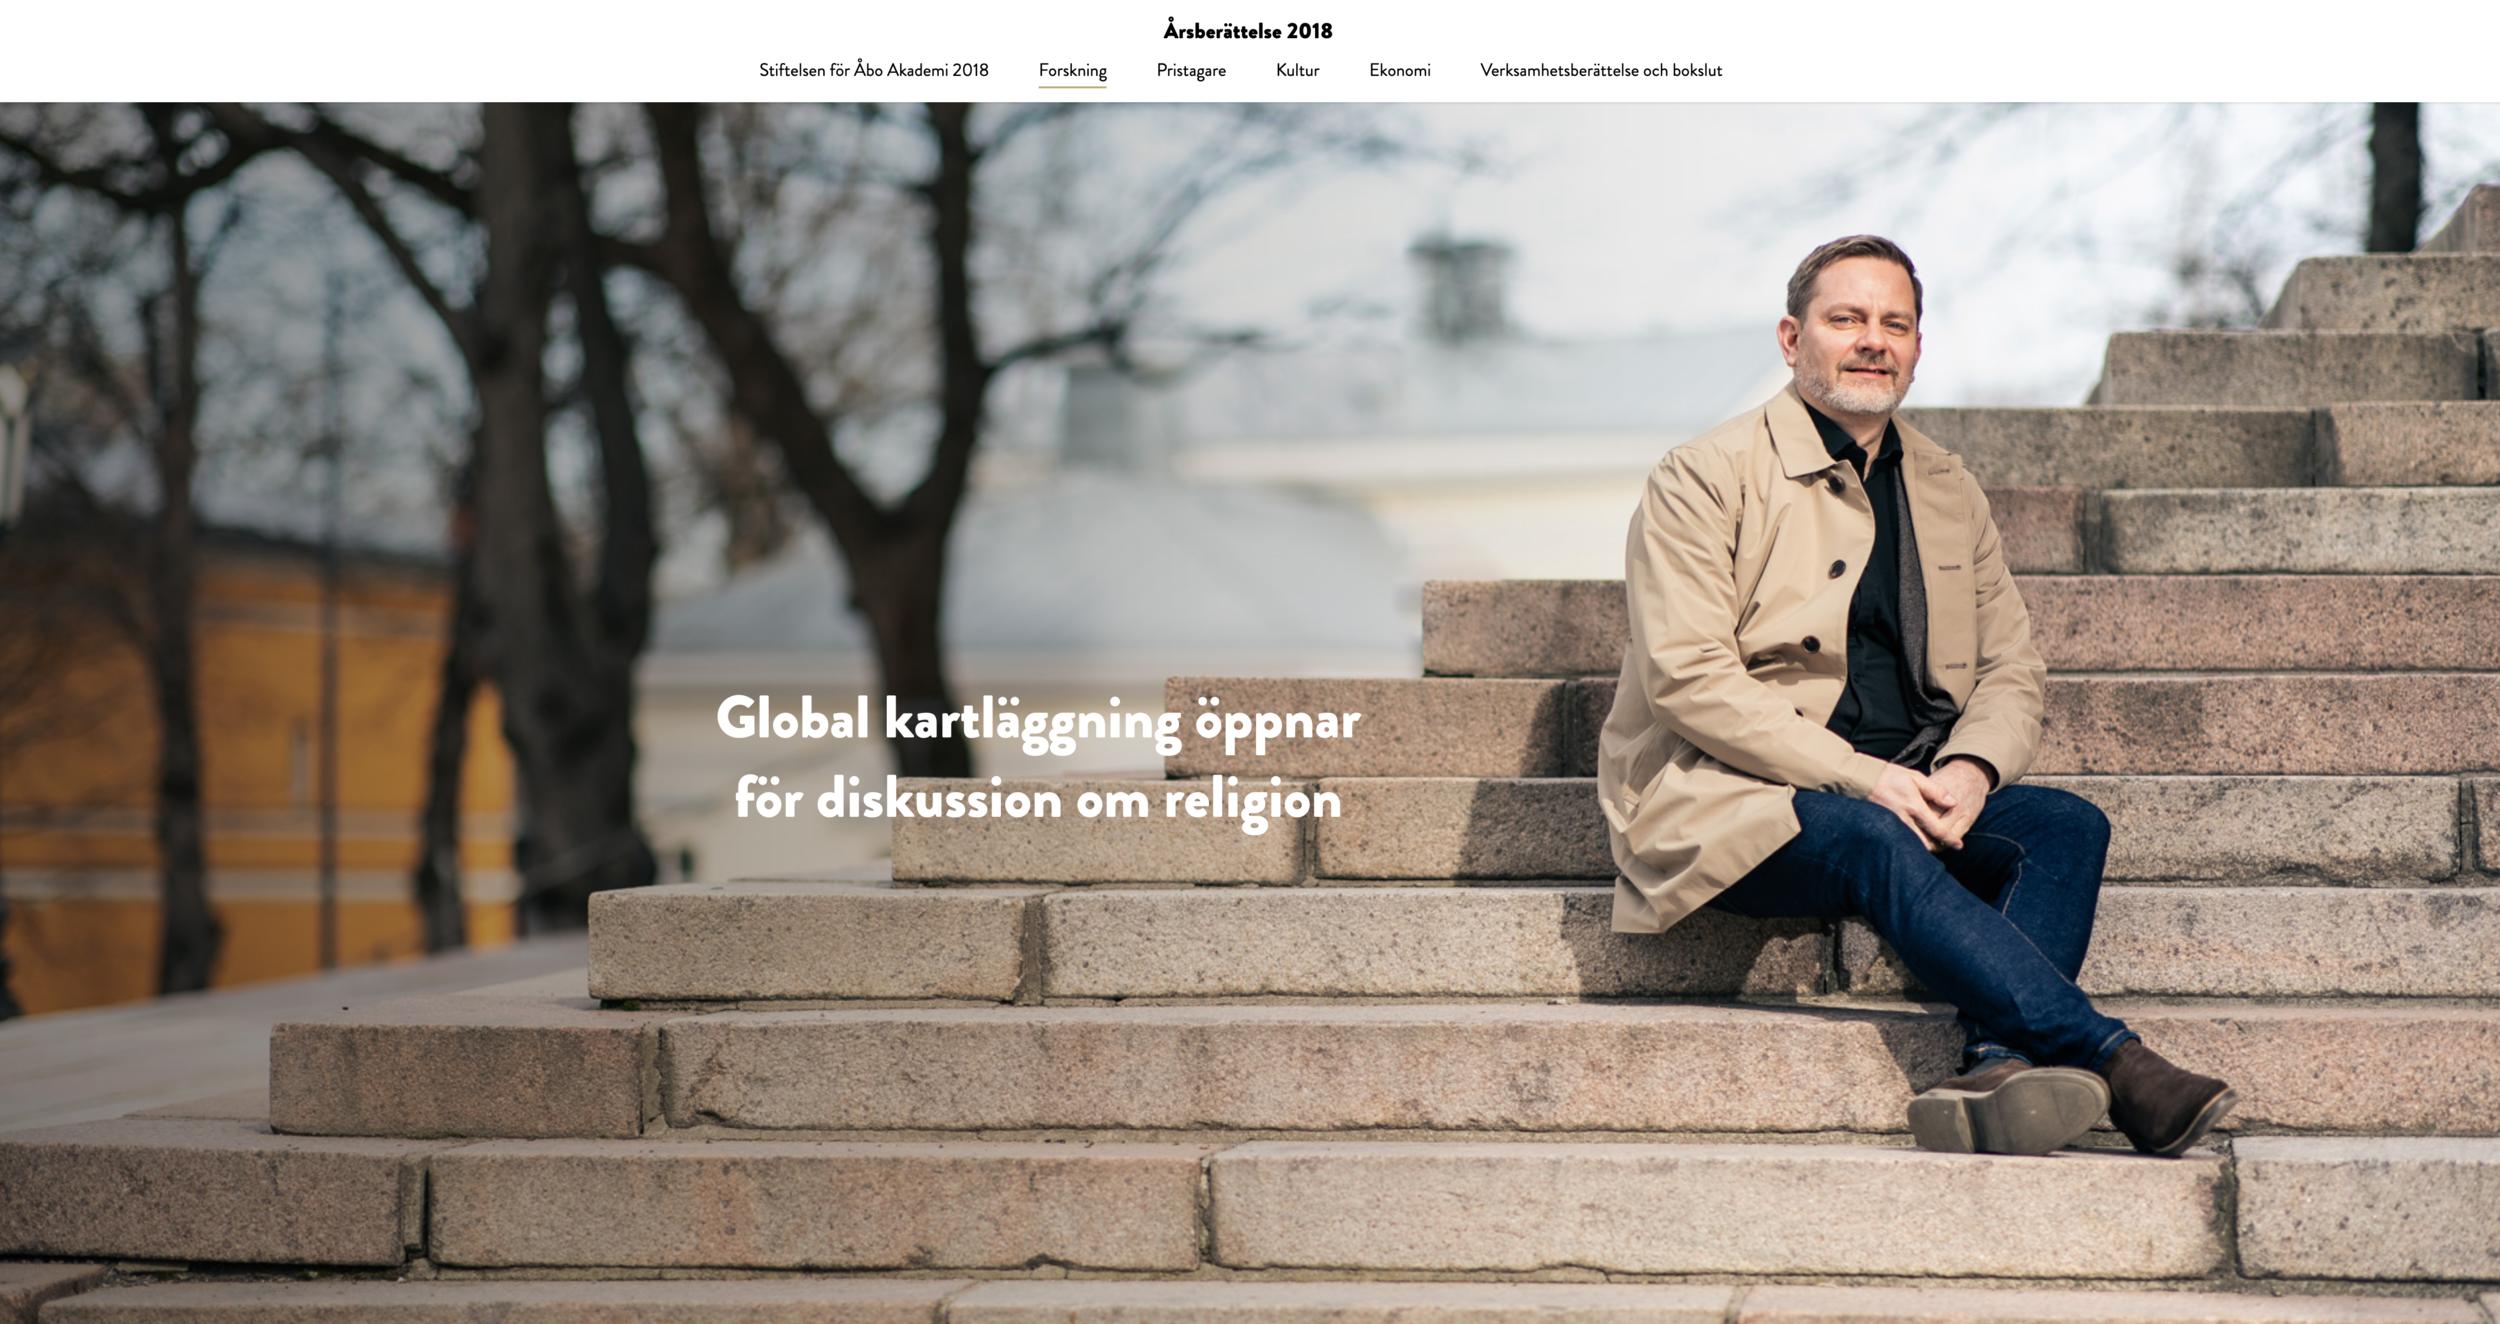 Åbo Akademin säätiön vuosikertomus